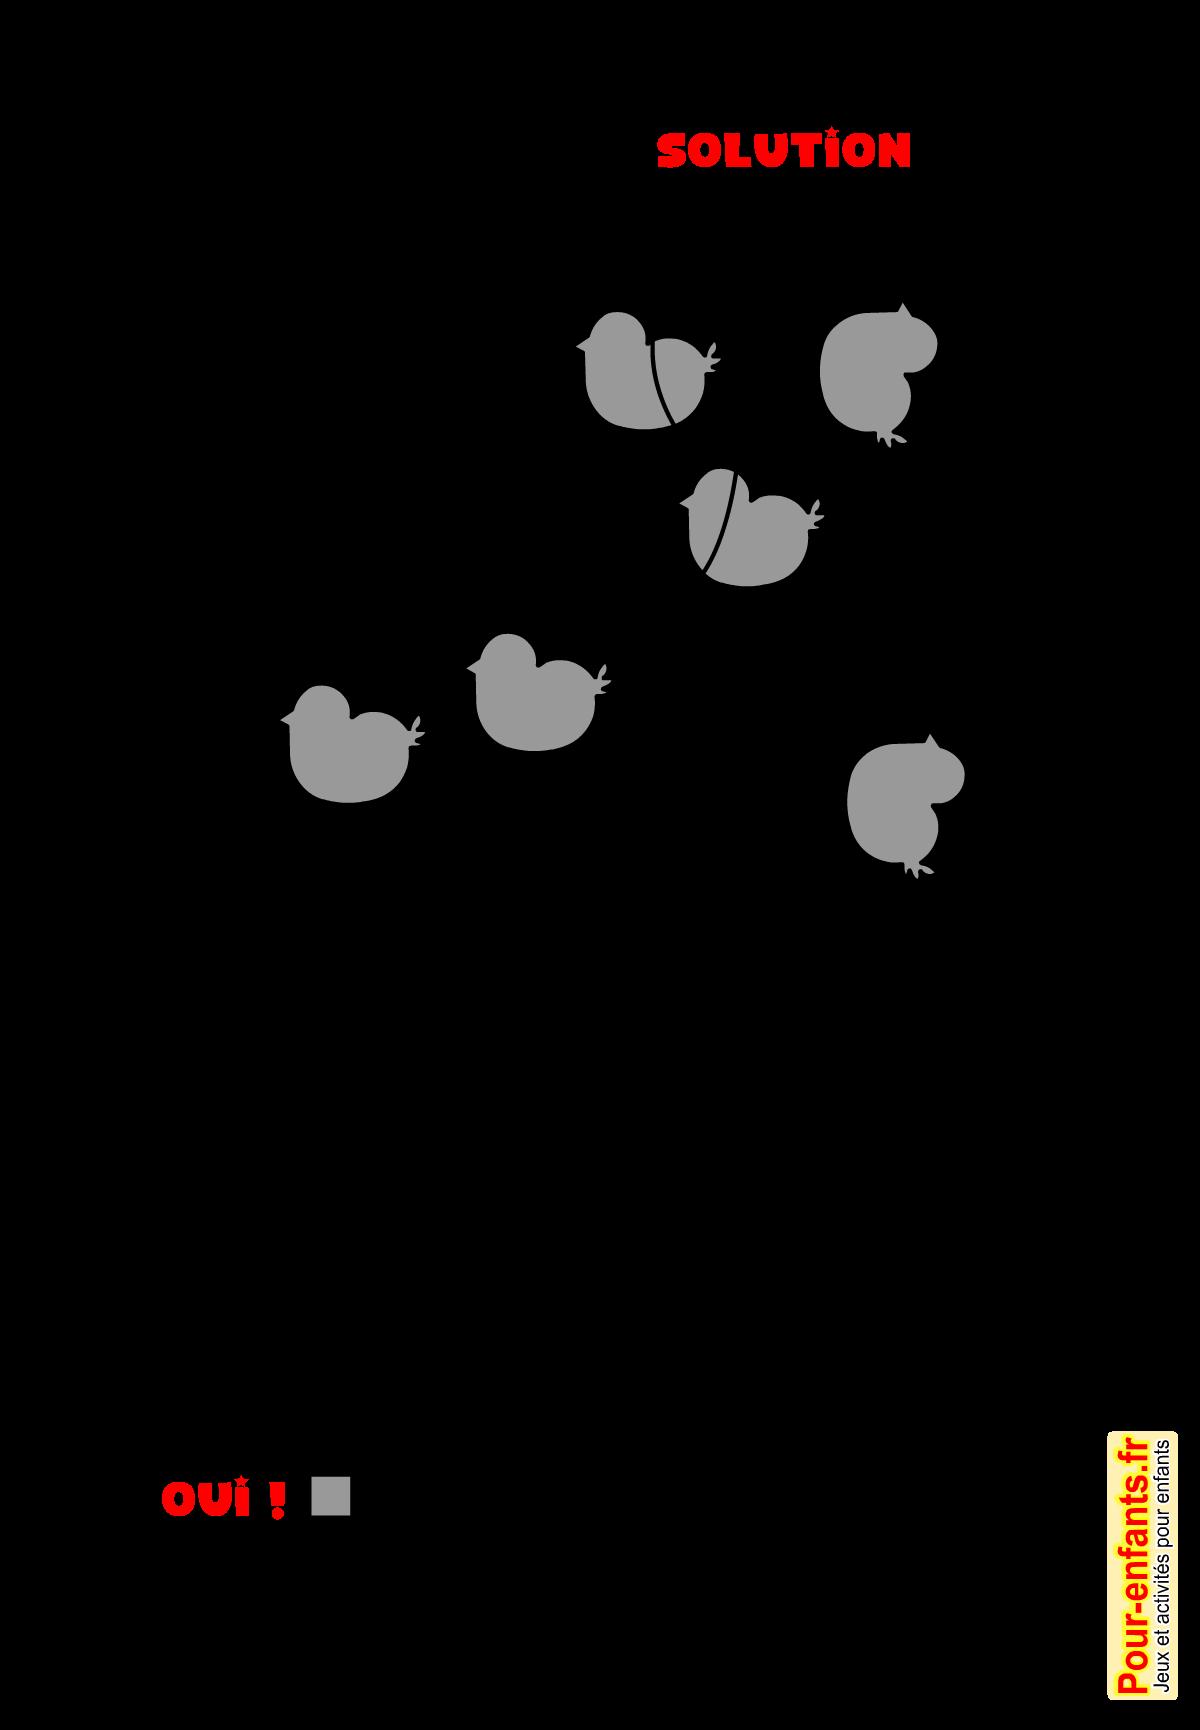 Jeux de p ques imprimer solution jeu d 39 observation paques enfants - Image de paques a imprimer ...